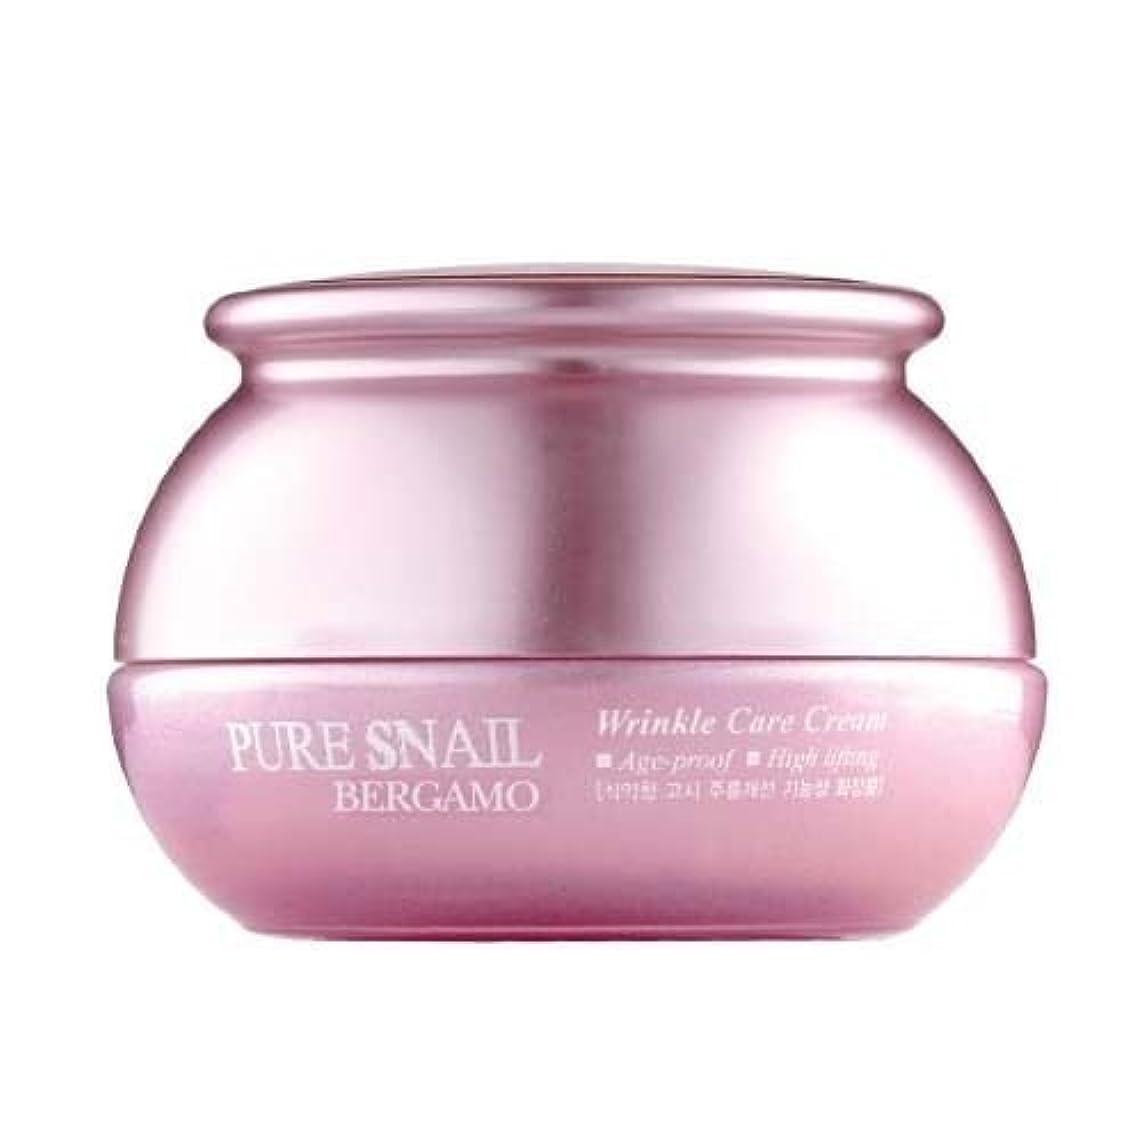 マエストロエピソード喜劇ベルガモ[韓国コスメBergamo]Pure Snail Wrinkle Care Cream カタツムリリンクルケアクリーム50ml しわ管理 [並行輸入品]